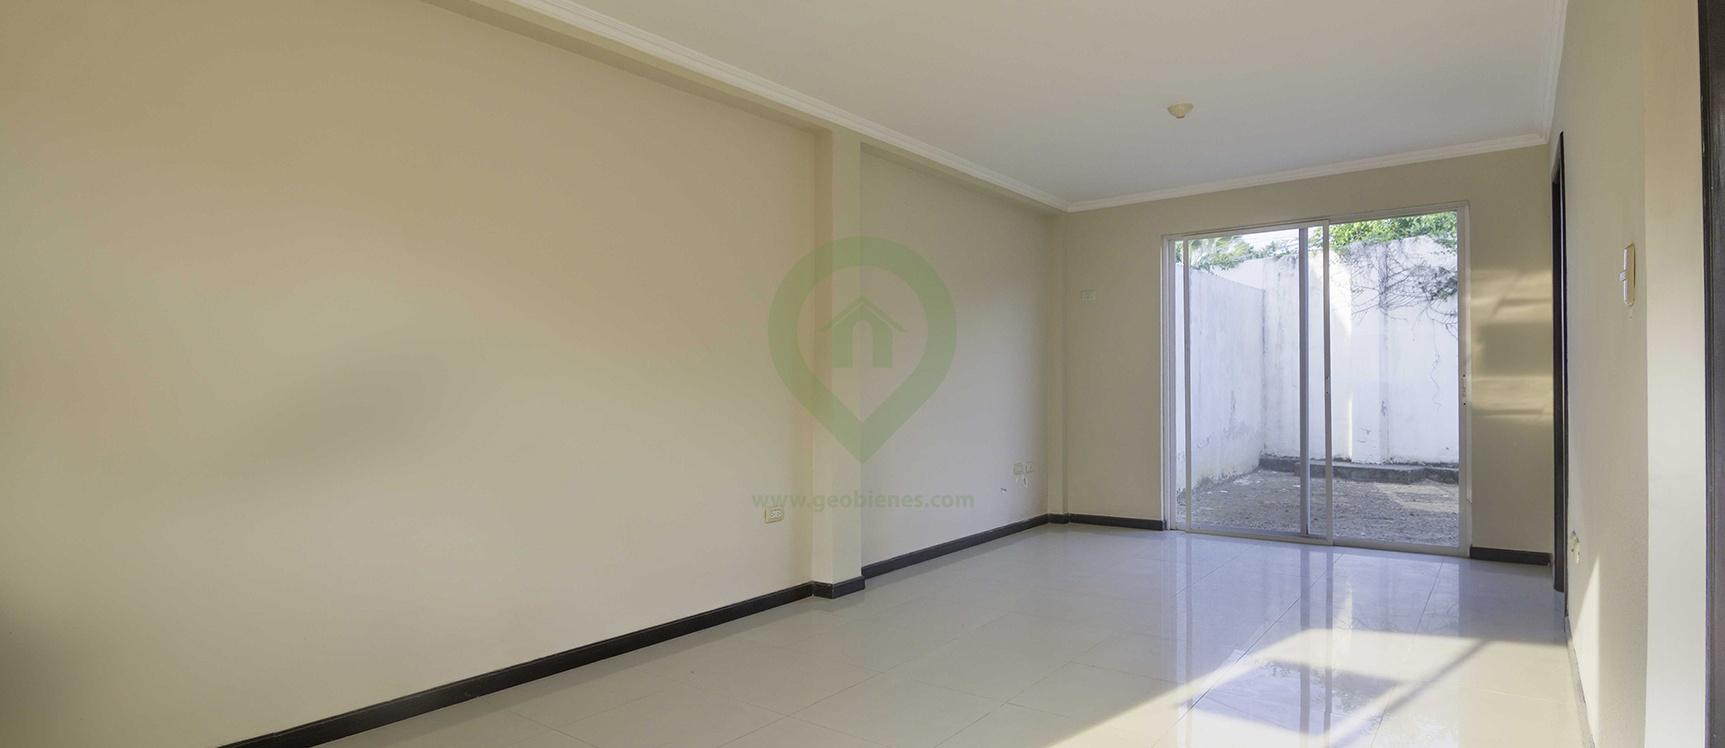 GeoBienes - Casa en venta en Urbanización Marina D'or vía a Salitre - Plusvalia Guayaquil Casas de venta y alquiler Inmobiliaria Ecuador